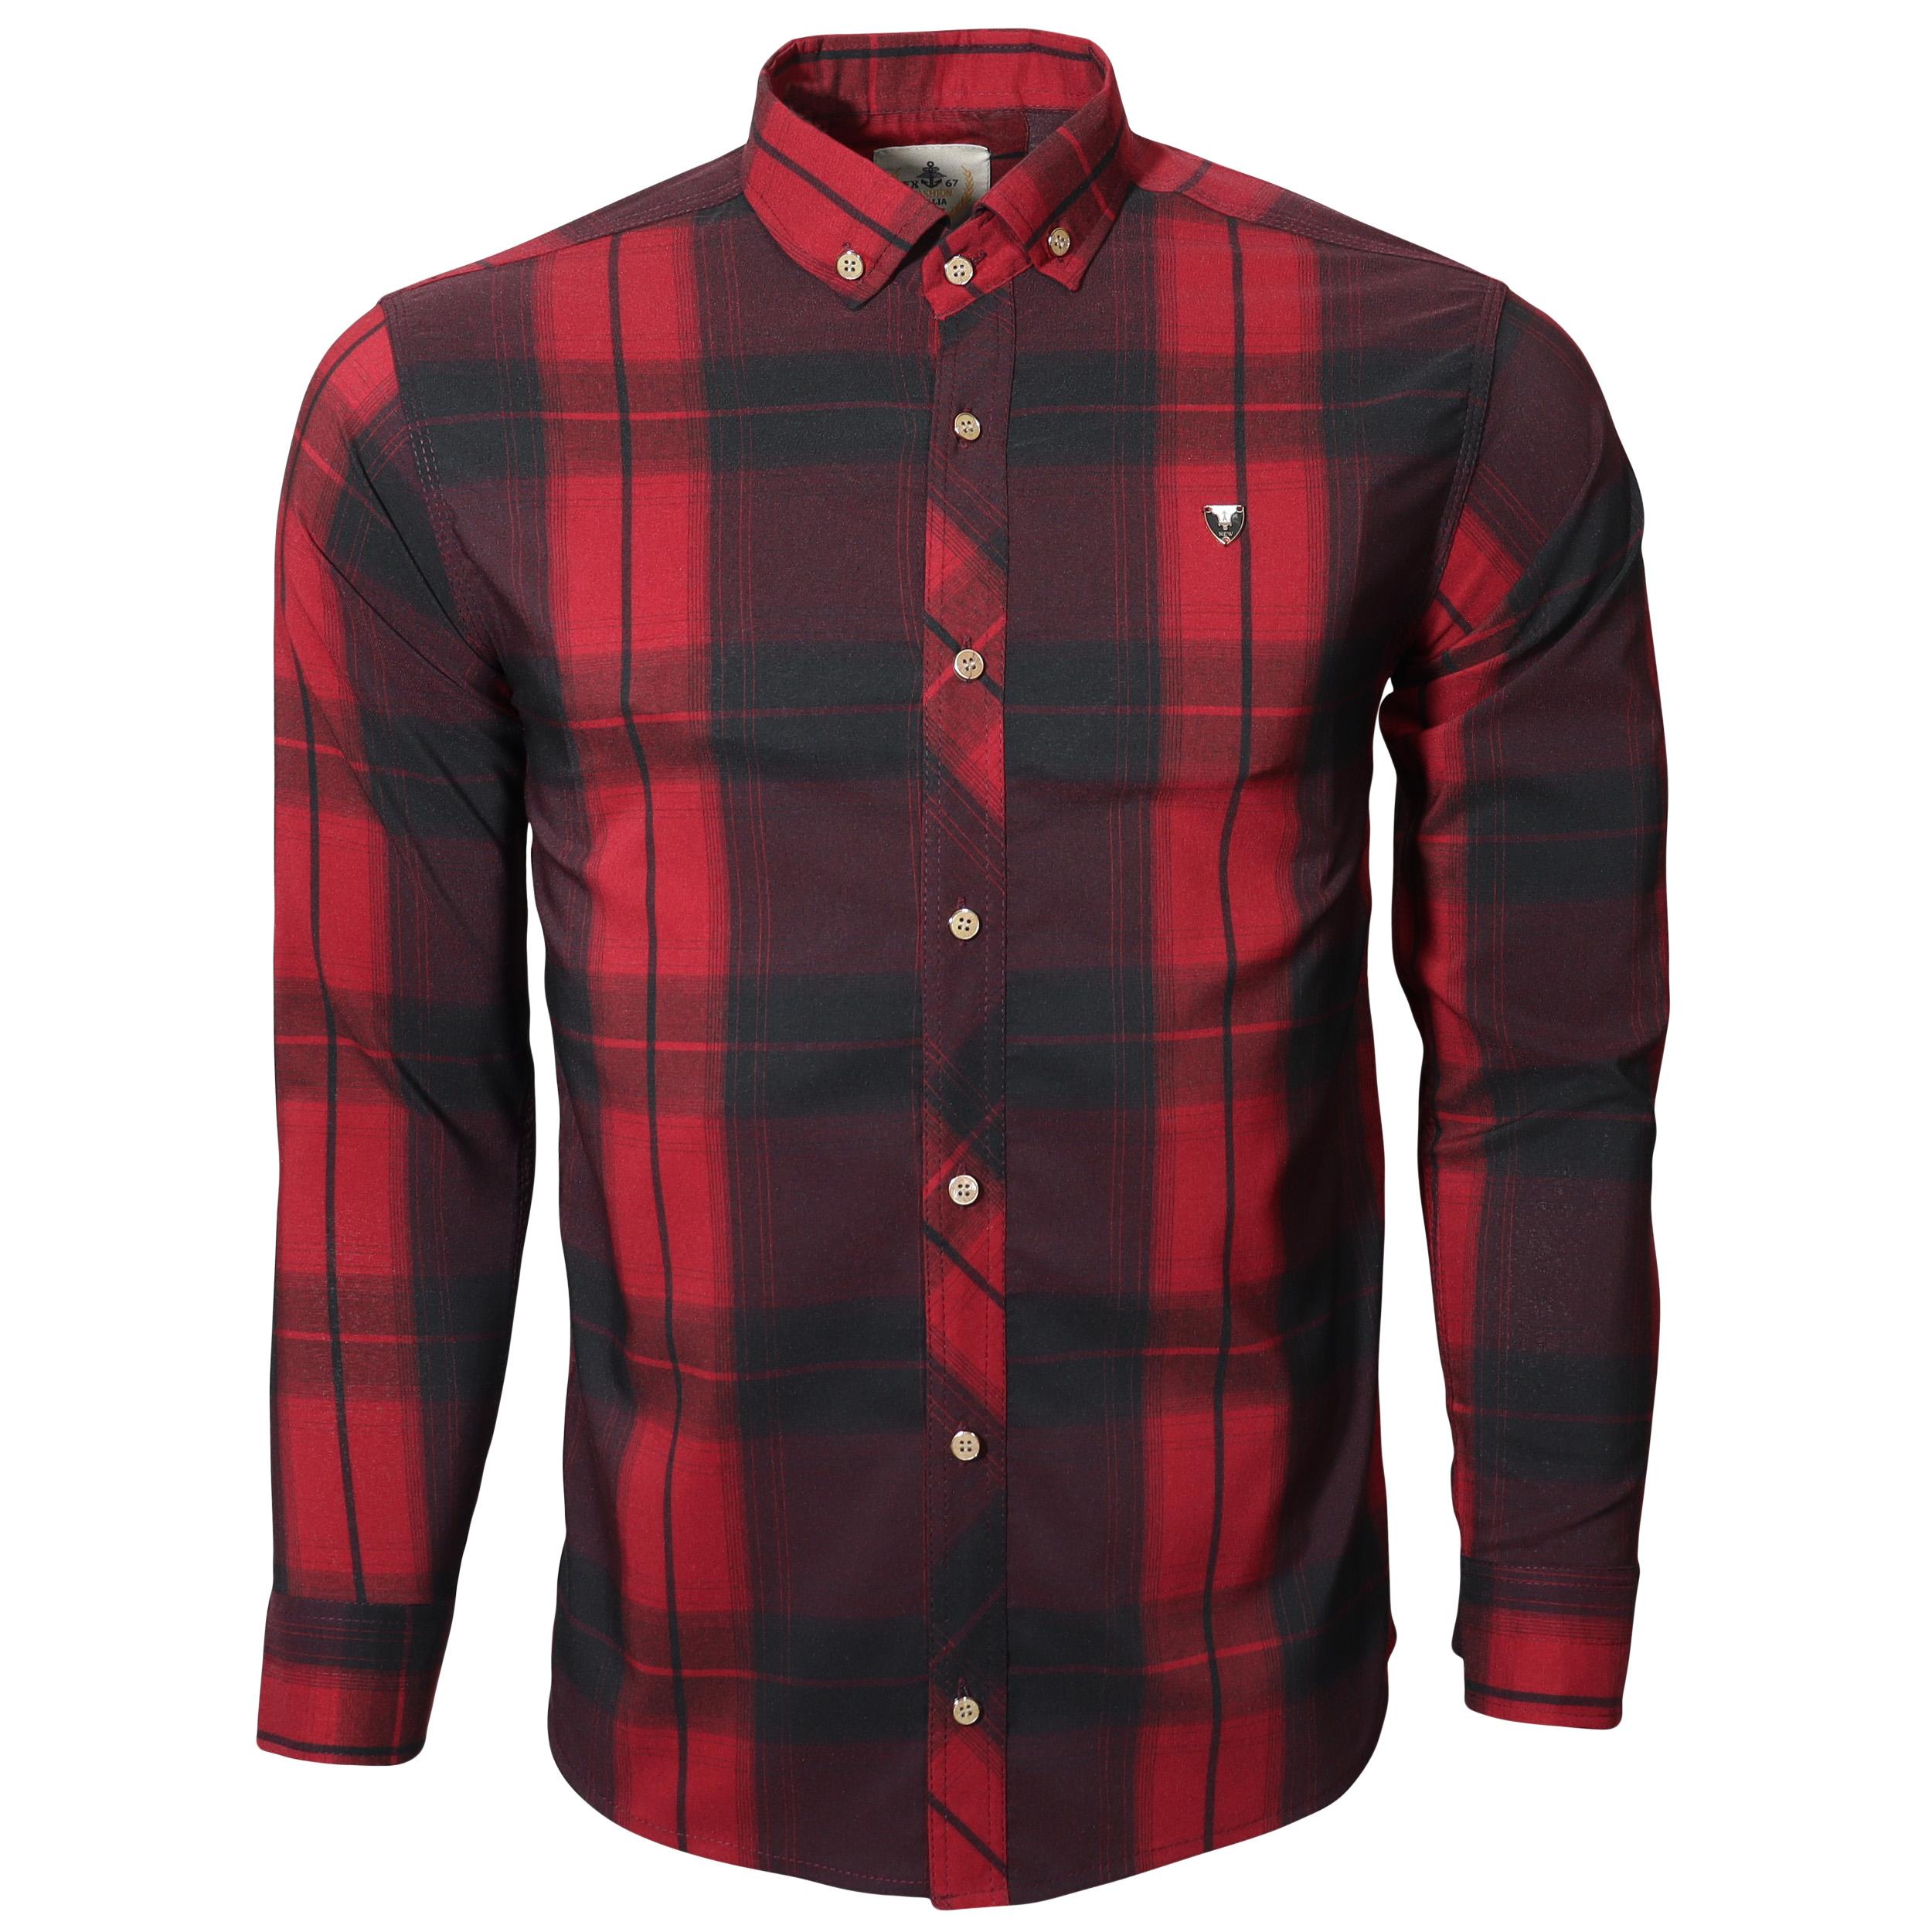 پیراهن آستین بلند مردانه مدل ch410018